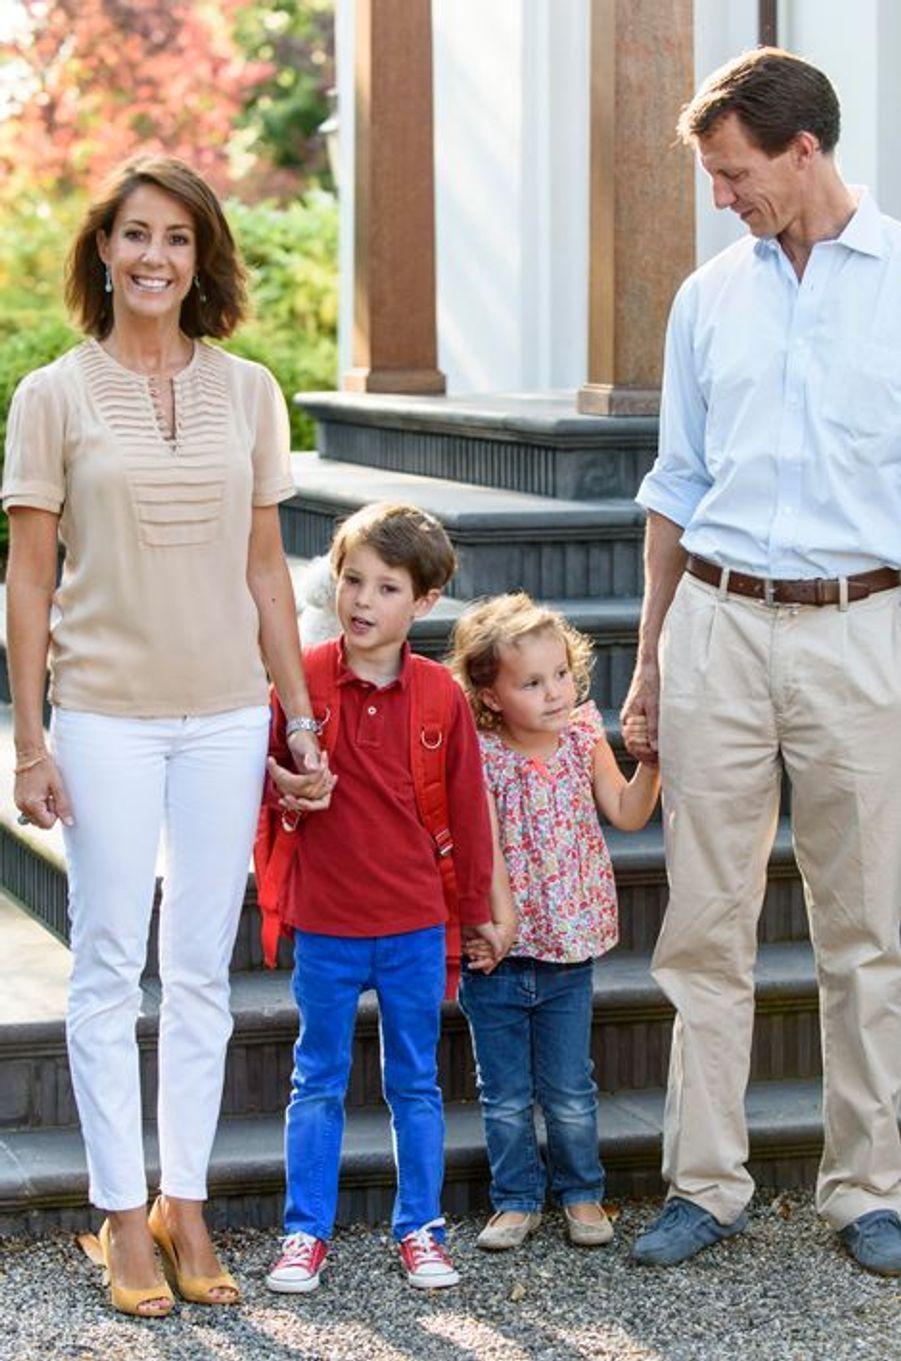 La princesse Marie avec le prince Joachim de Danemark, le prince Henrik et la princesse Athena, le 14 août 2015